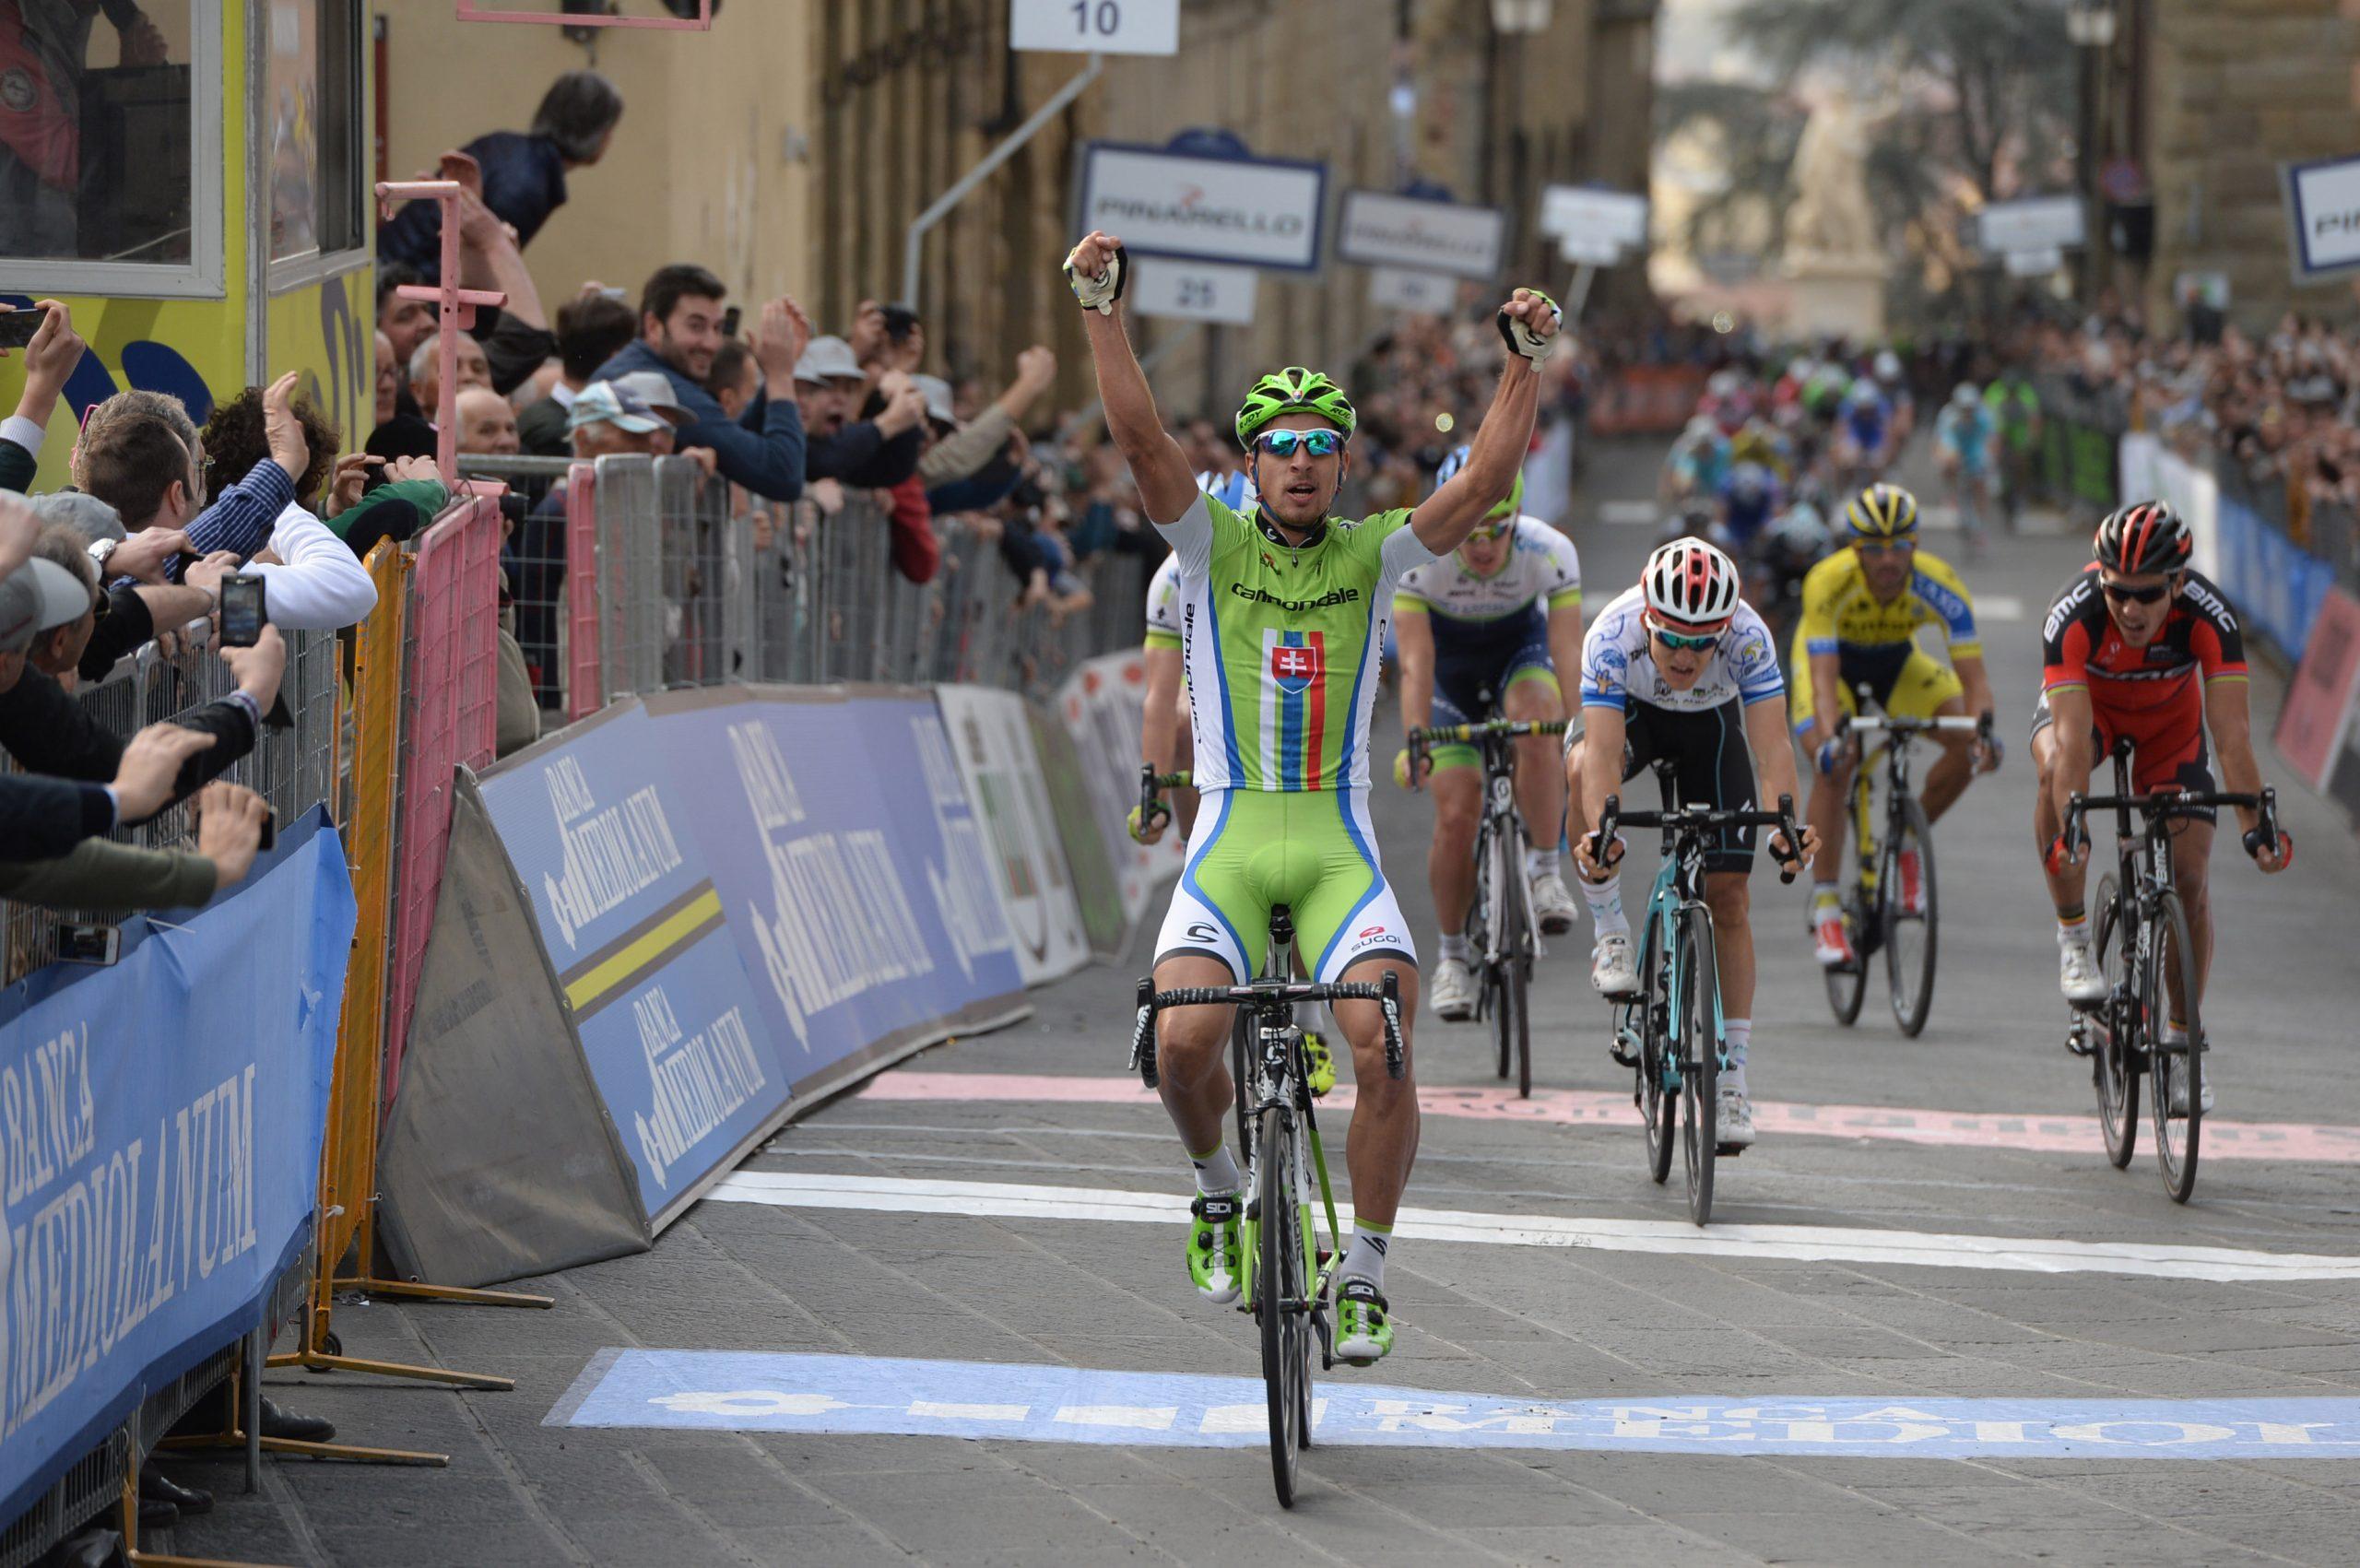 Fotó: Stefano Sirotti / sirotti.it